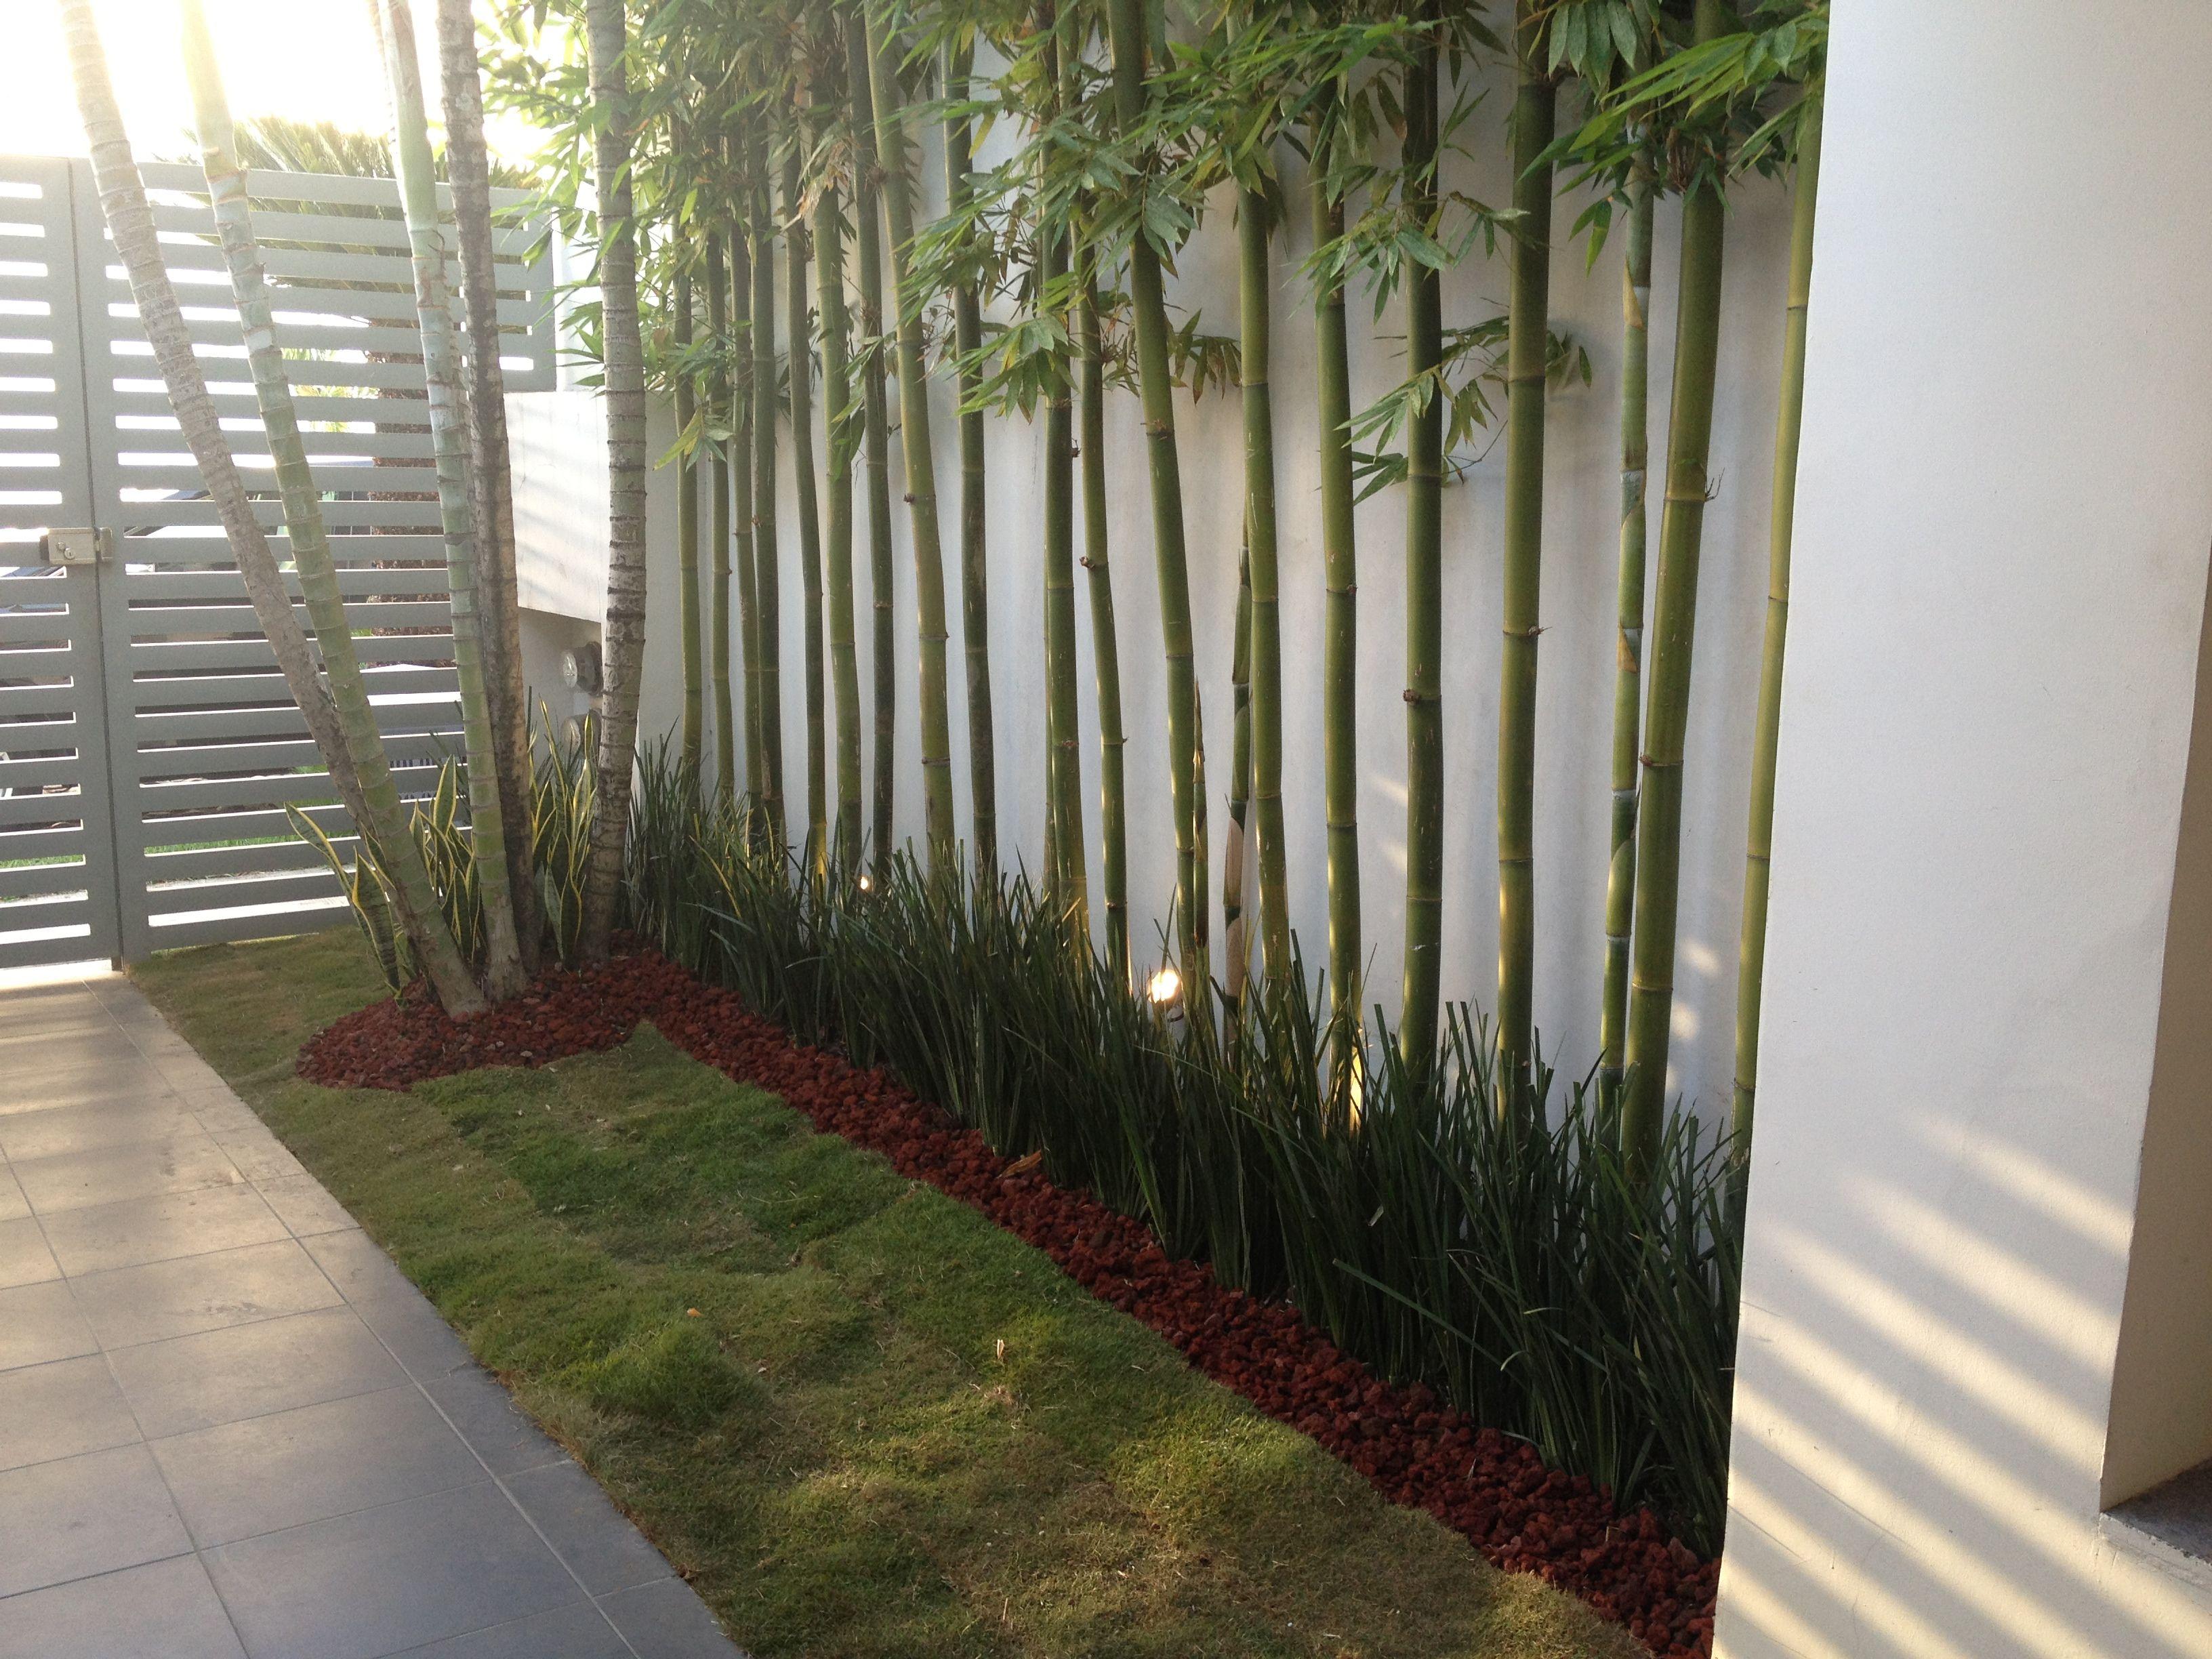 Jard n sencillo hecho con bambus lirios y piedra de for Decoracion de jardines pequenos con flores